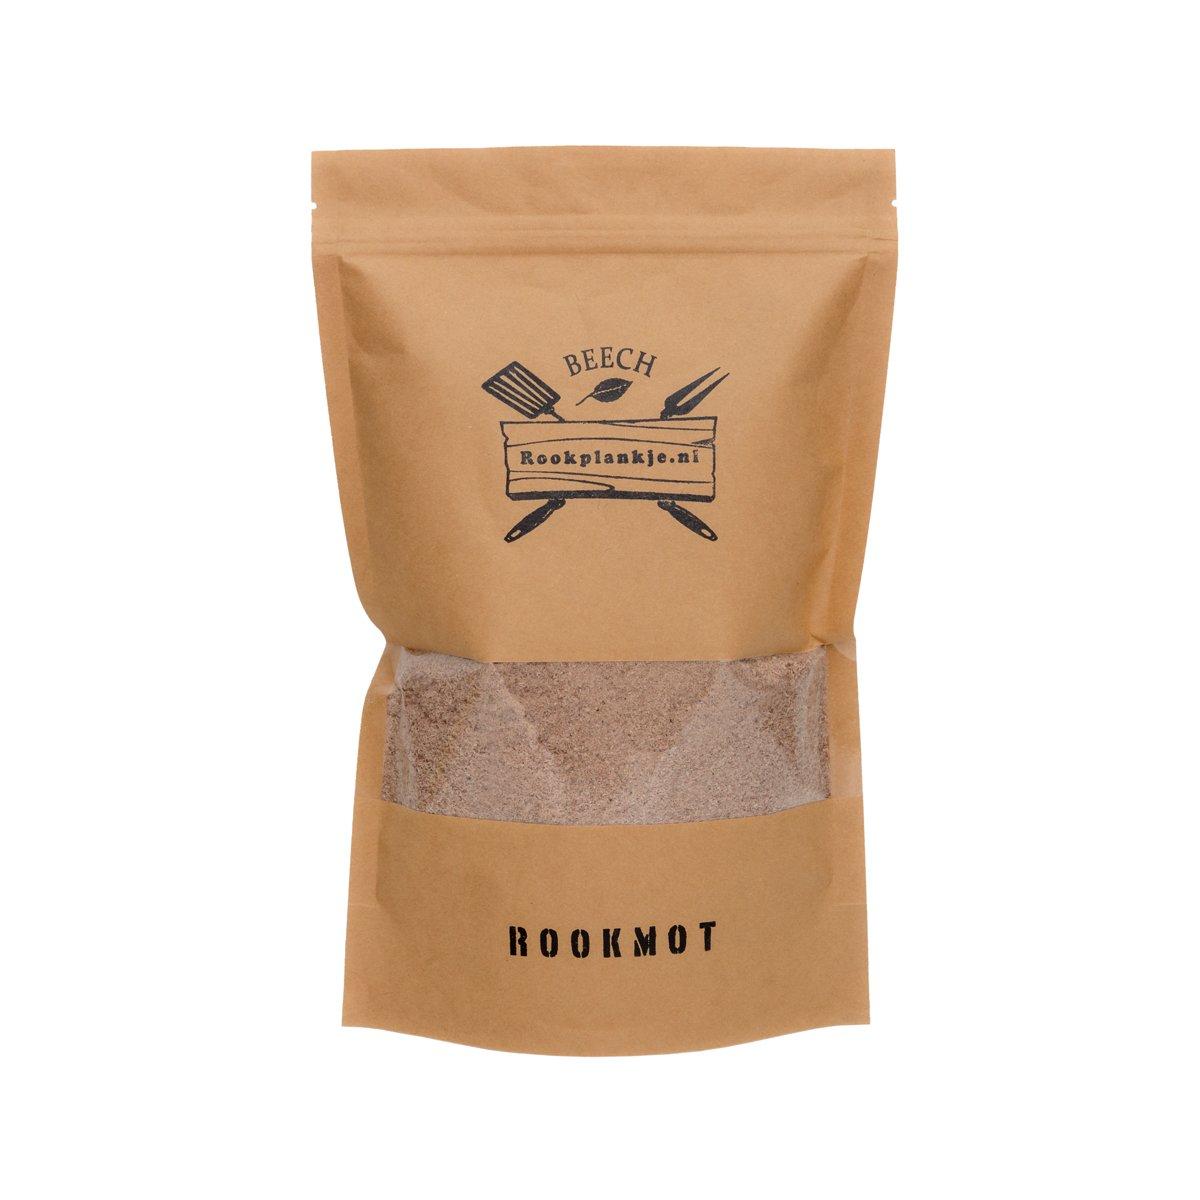 Rookmot Beech 1,5 L kopen